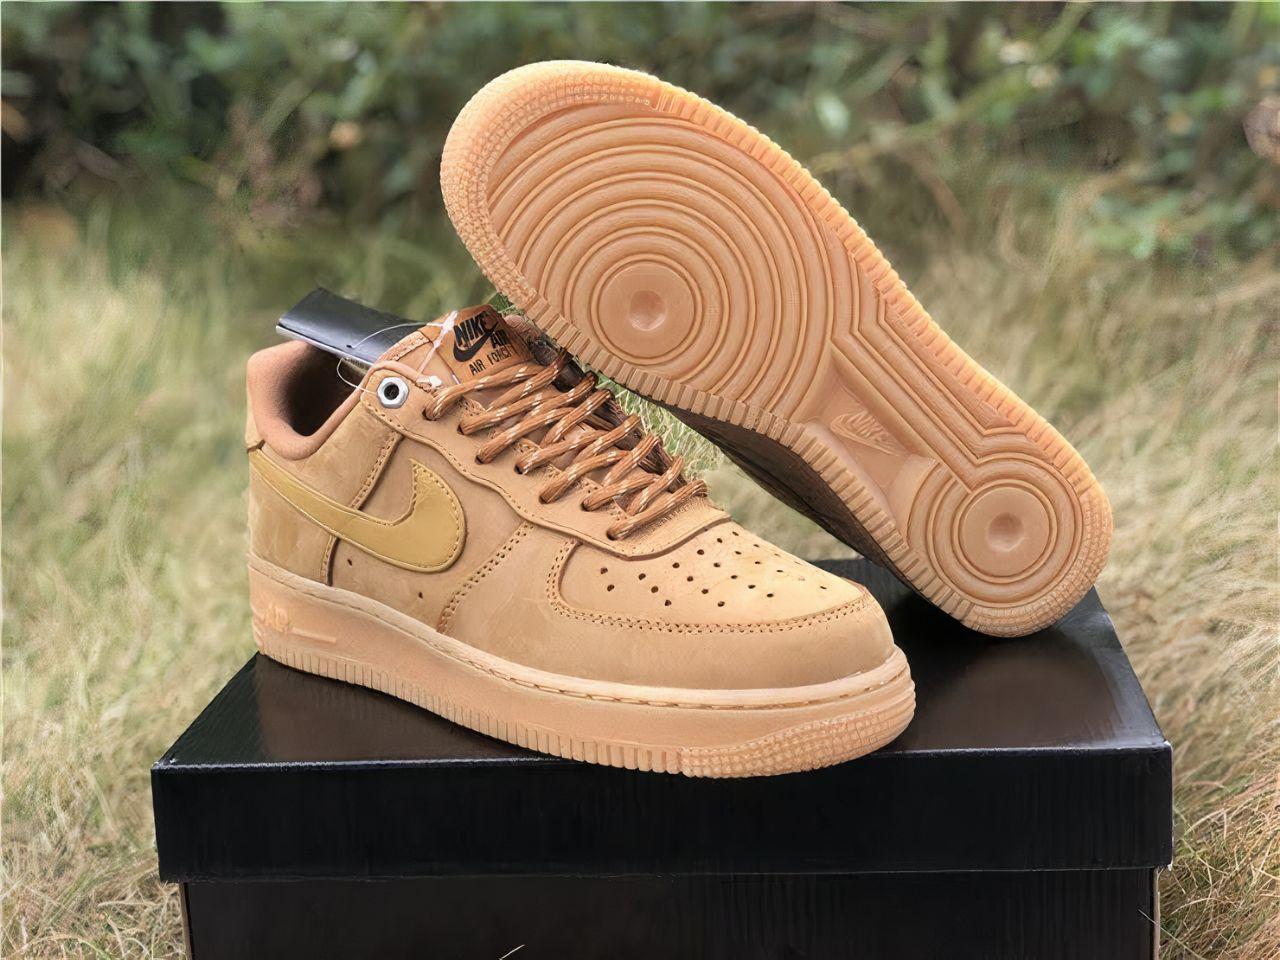 Custom brown Nike Airforce 1